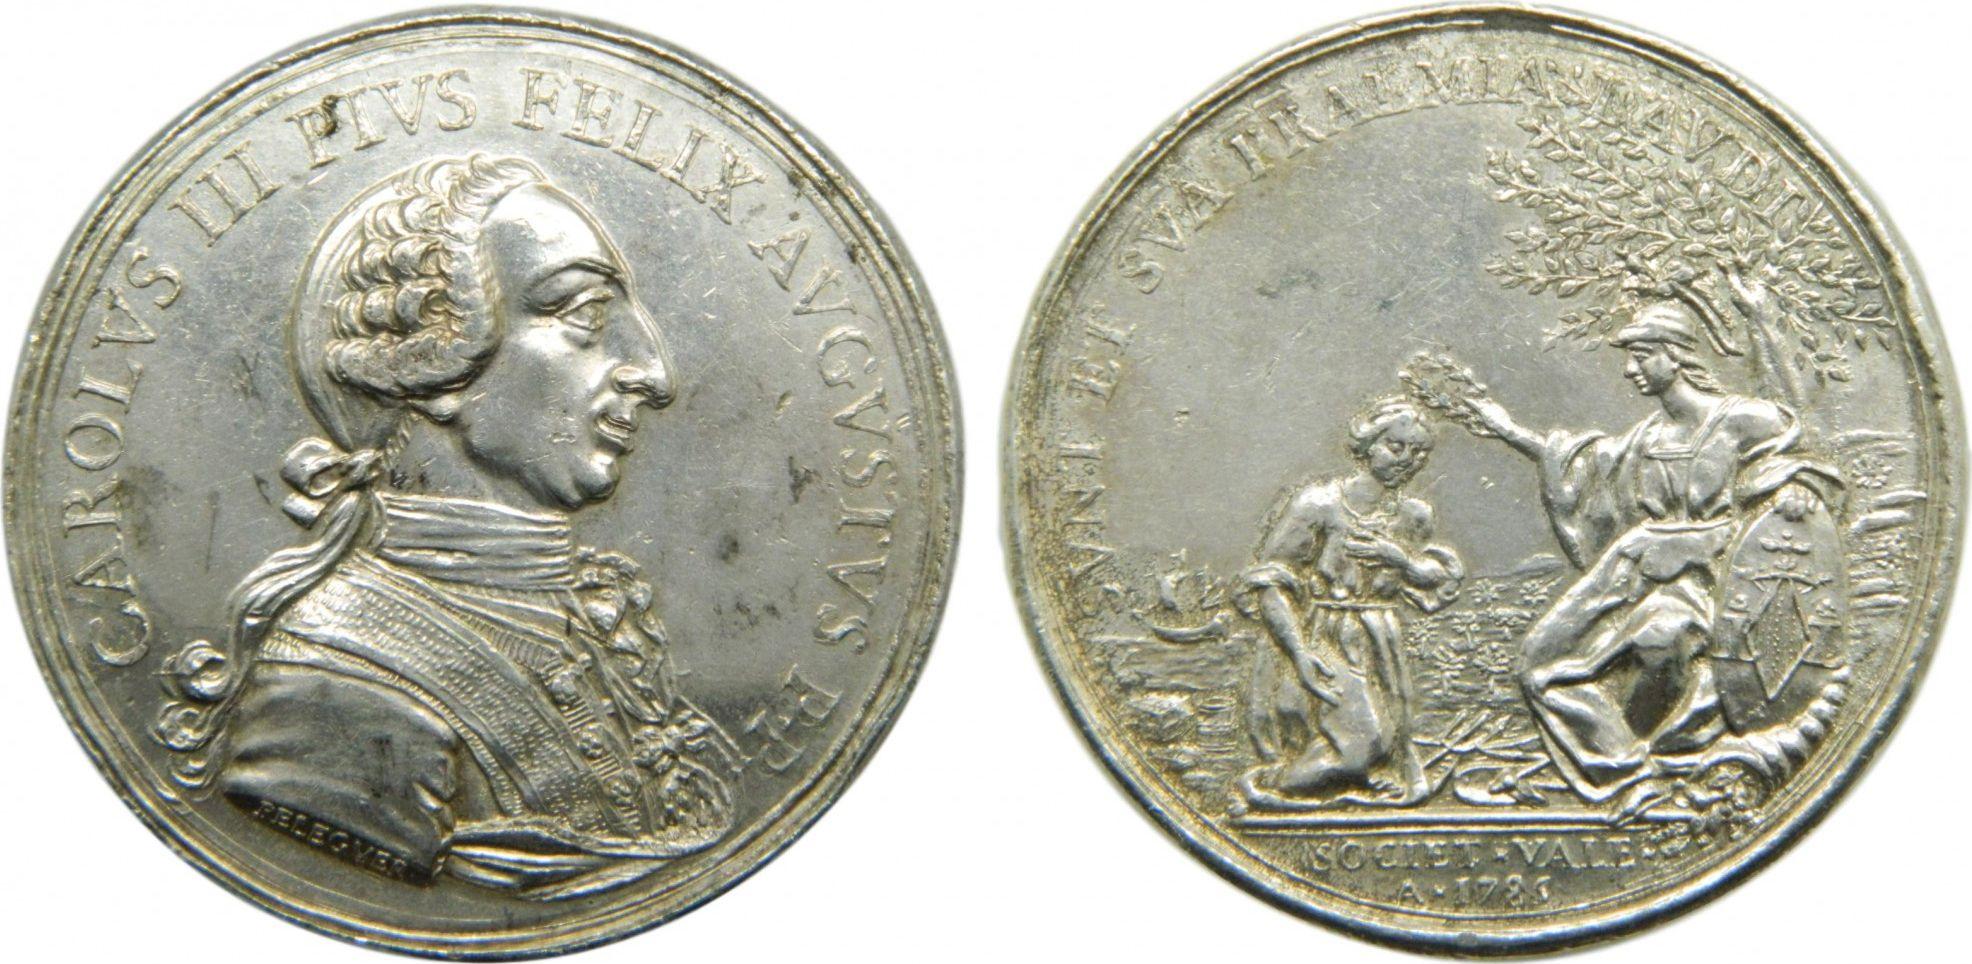 Spain Carlos III - Sociedad Valenciana - 1785 - Silver